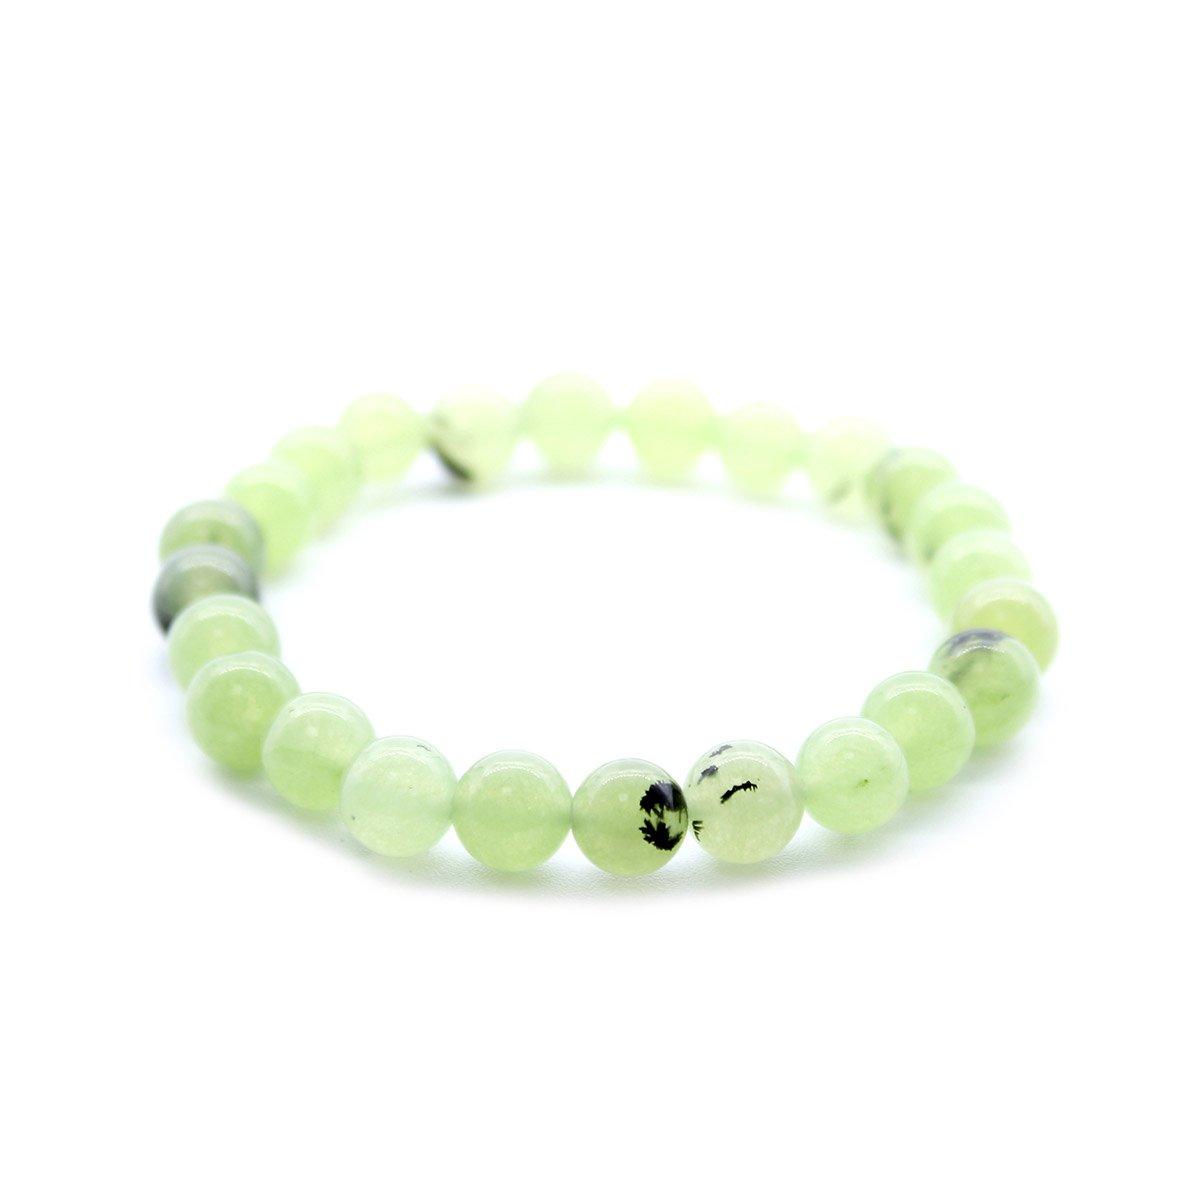 Jade Crystal Power Bracelet